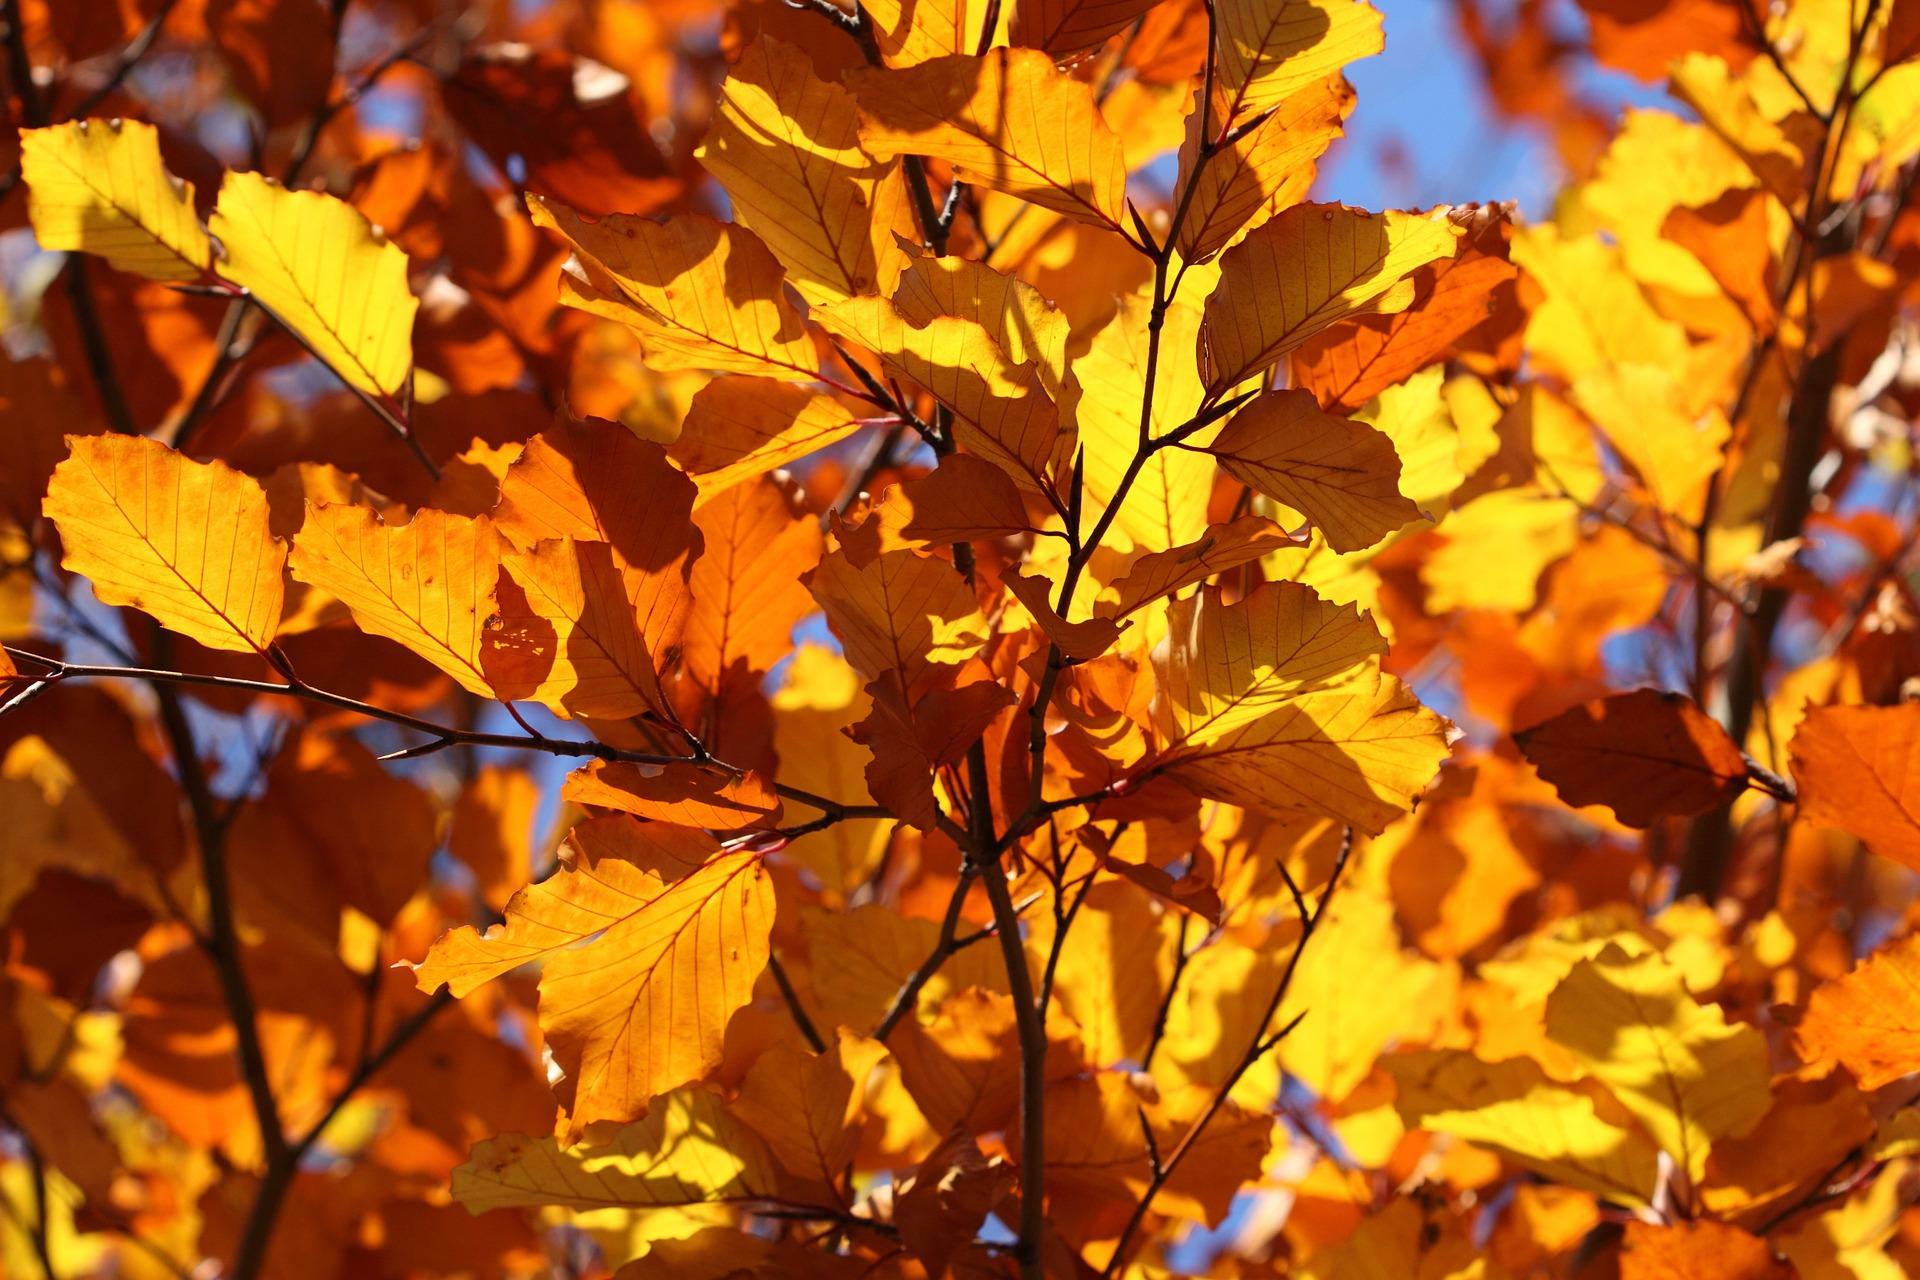 leaf-2012_1920.jpg